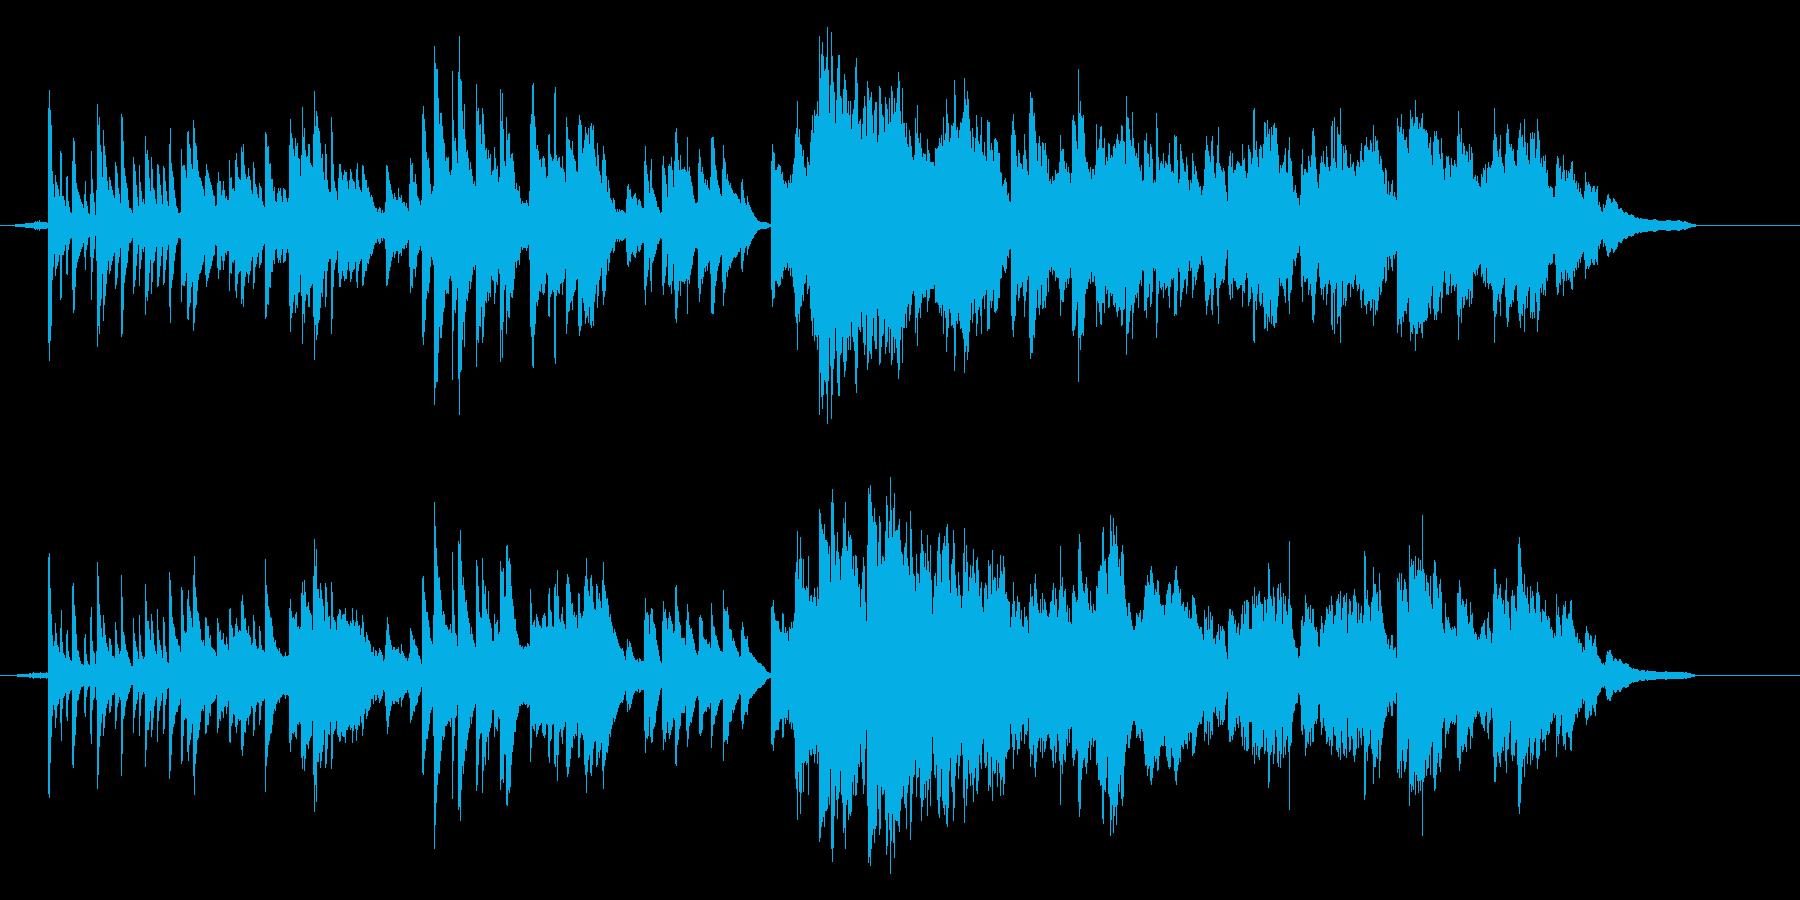 綺麗でゆっくり目の和風の曲の再生済みの波形